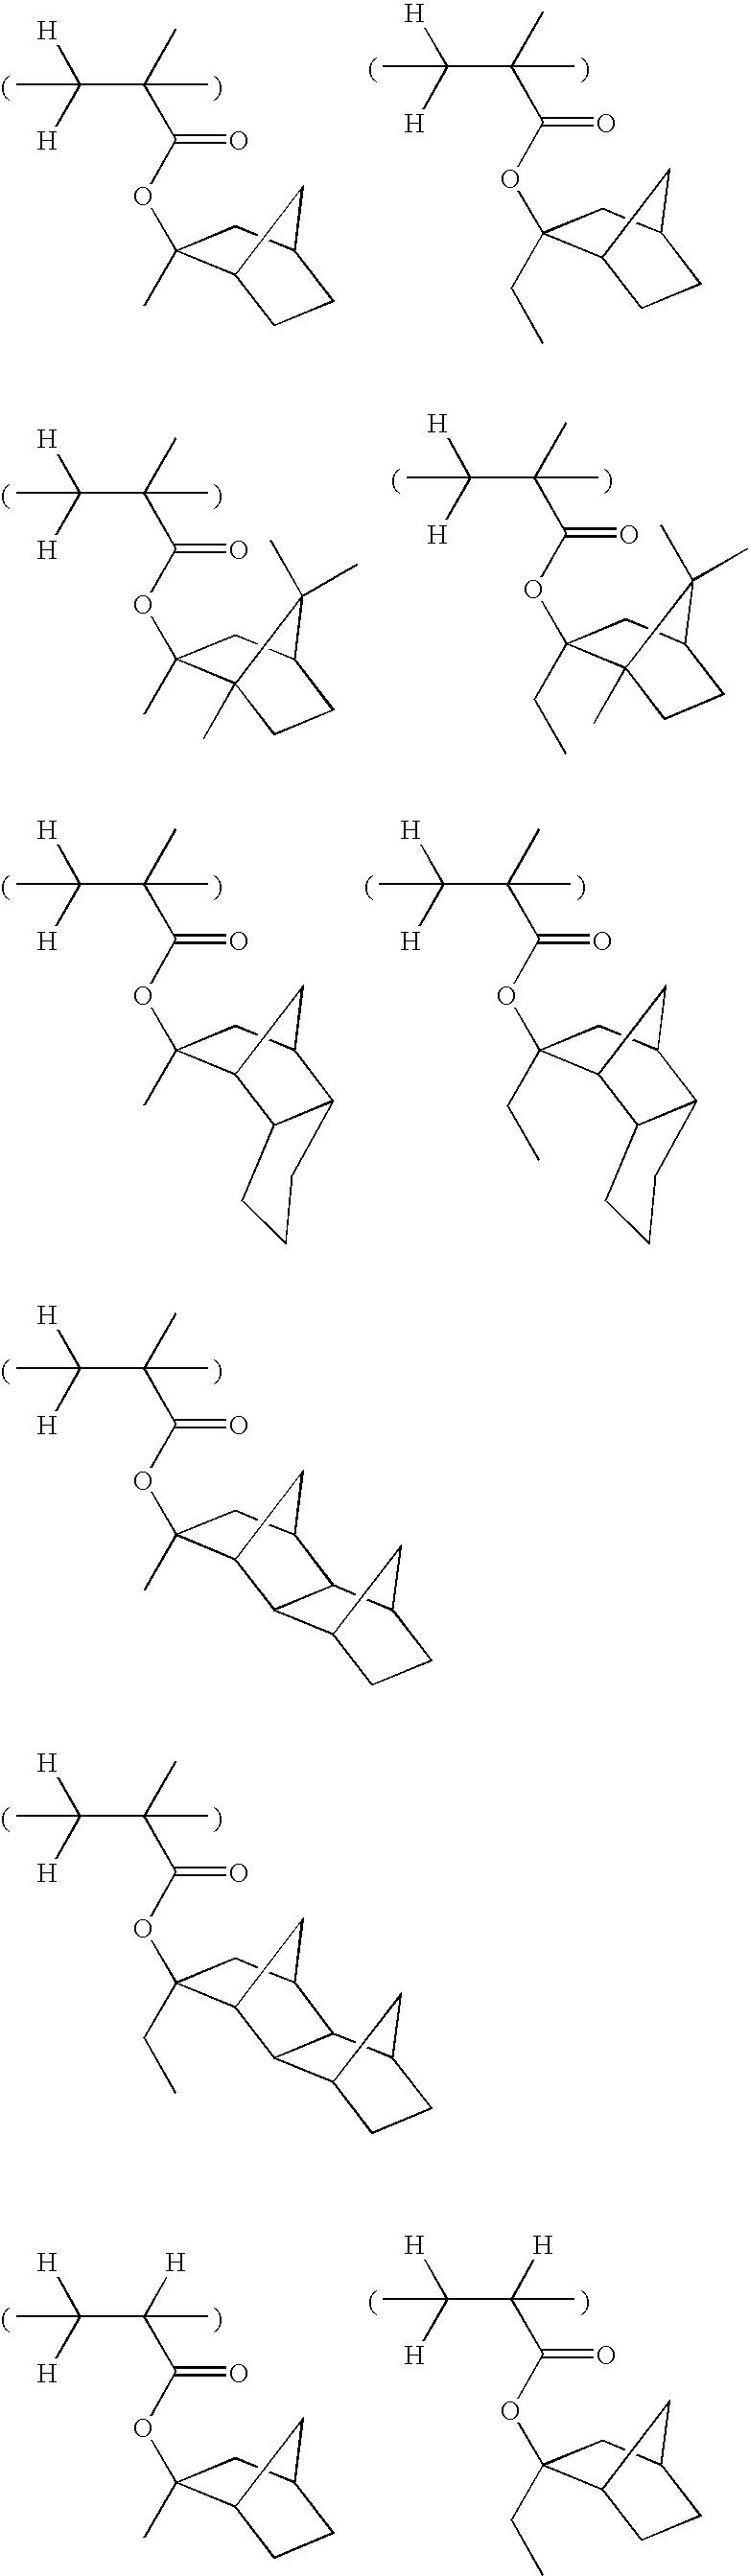 Figure US20070231738A1-20071004-C00047